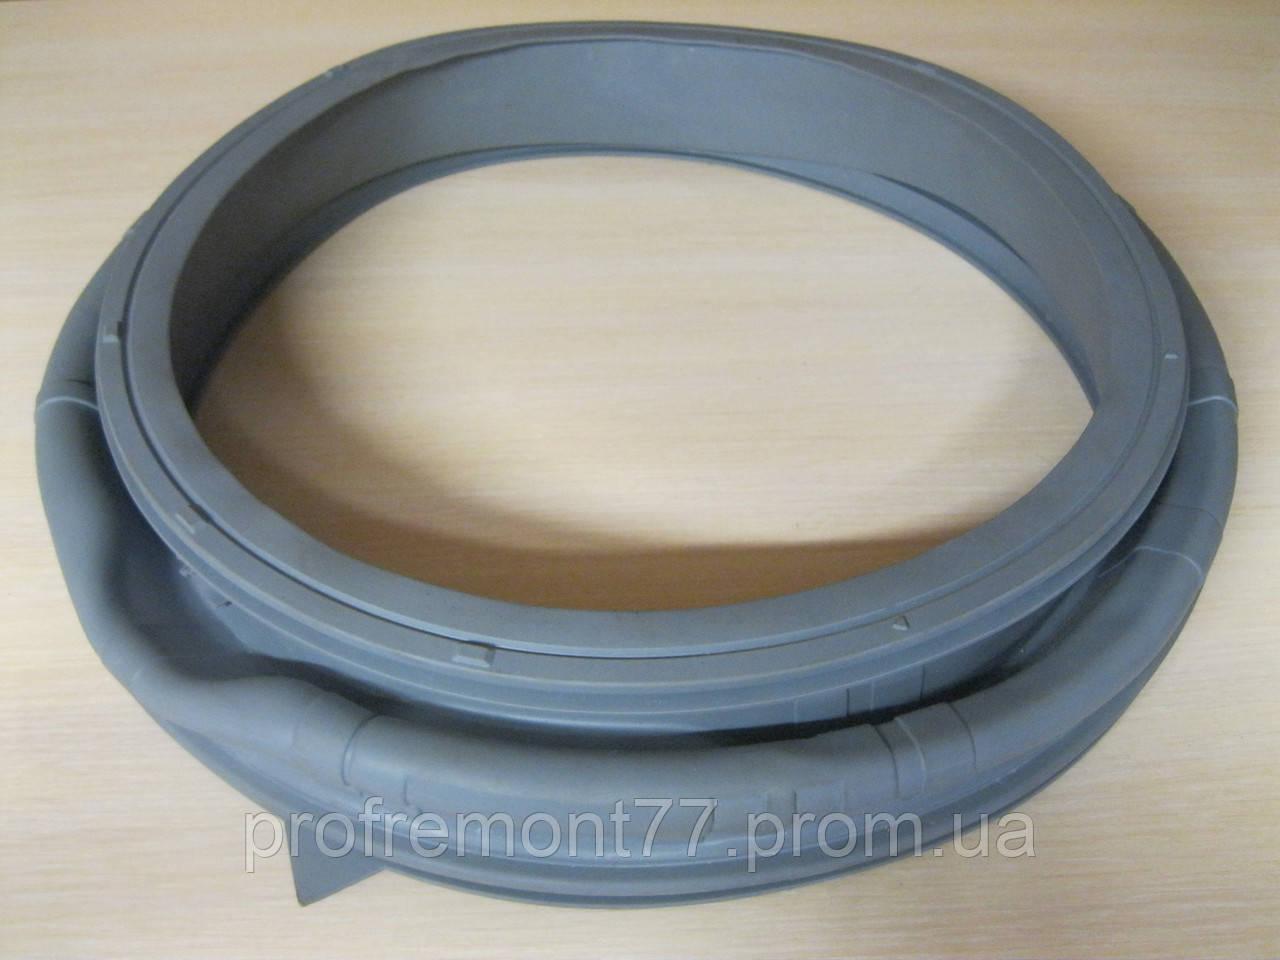 Резина люка Samsung DC64-03197A, DC97-18852A  ориг. для стиральной машины